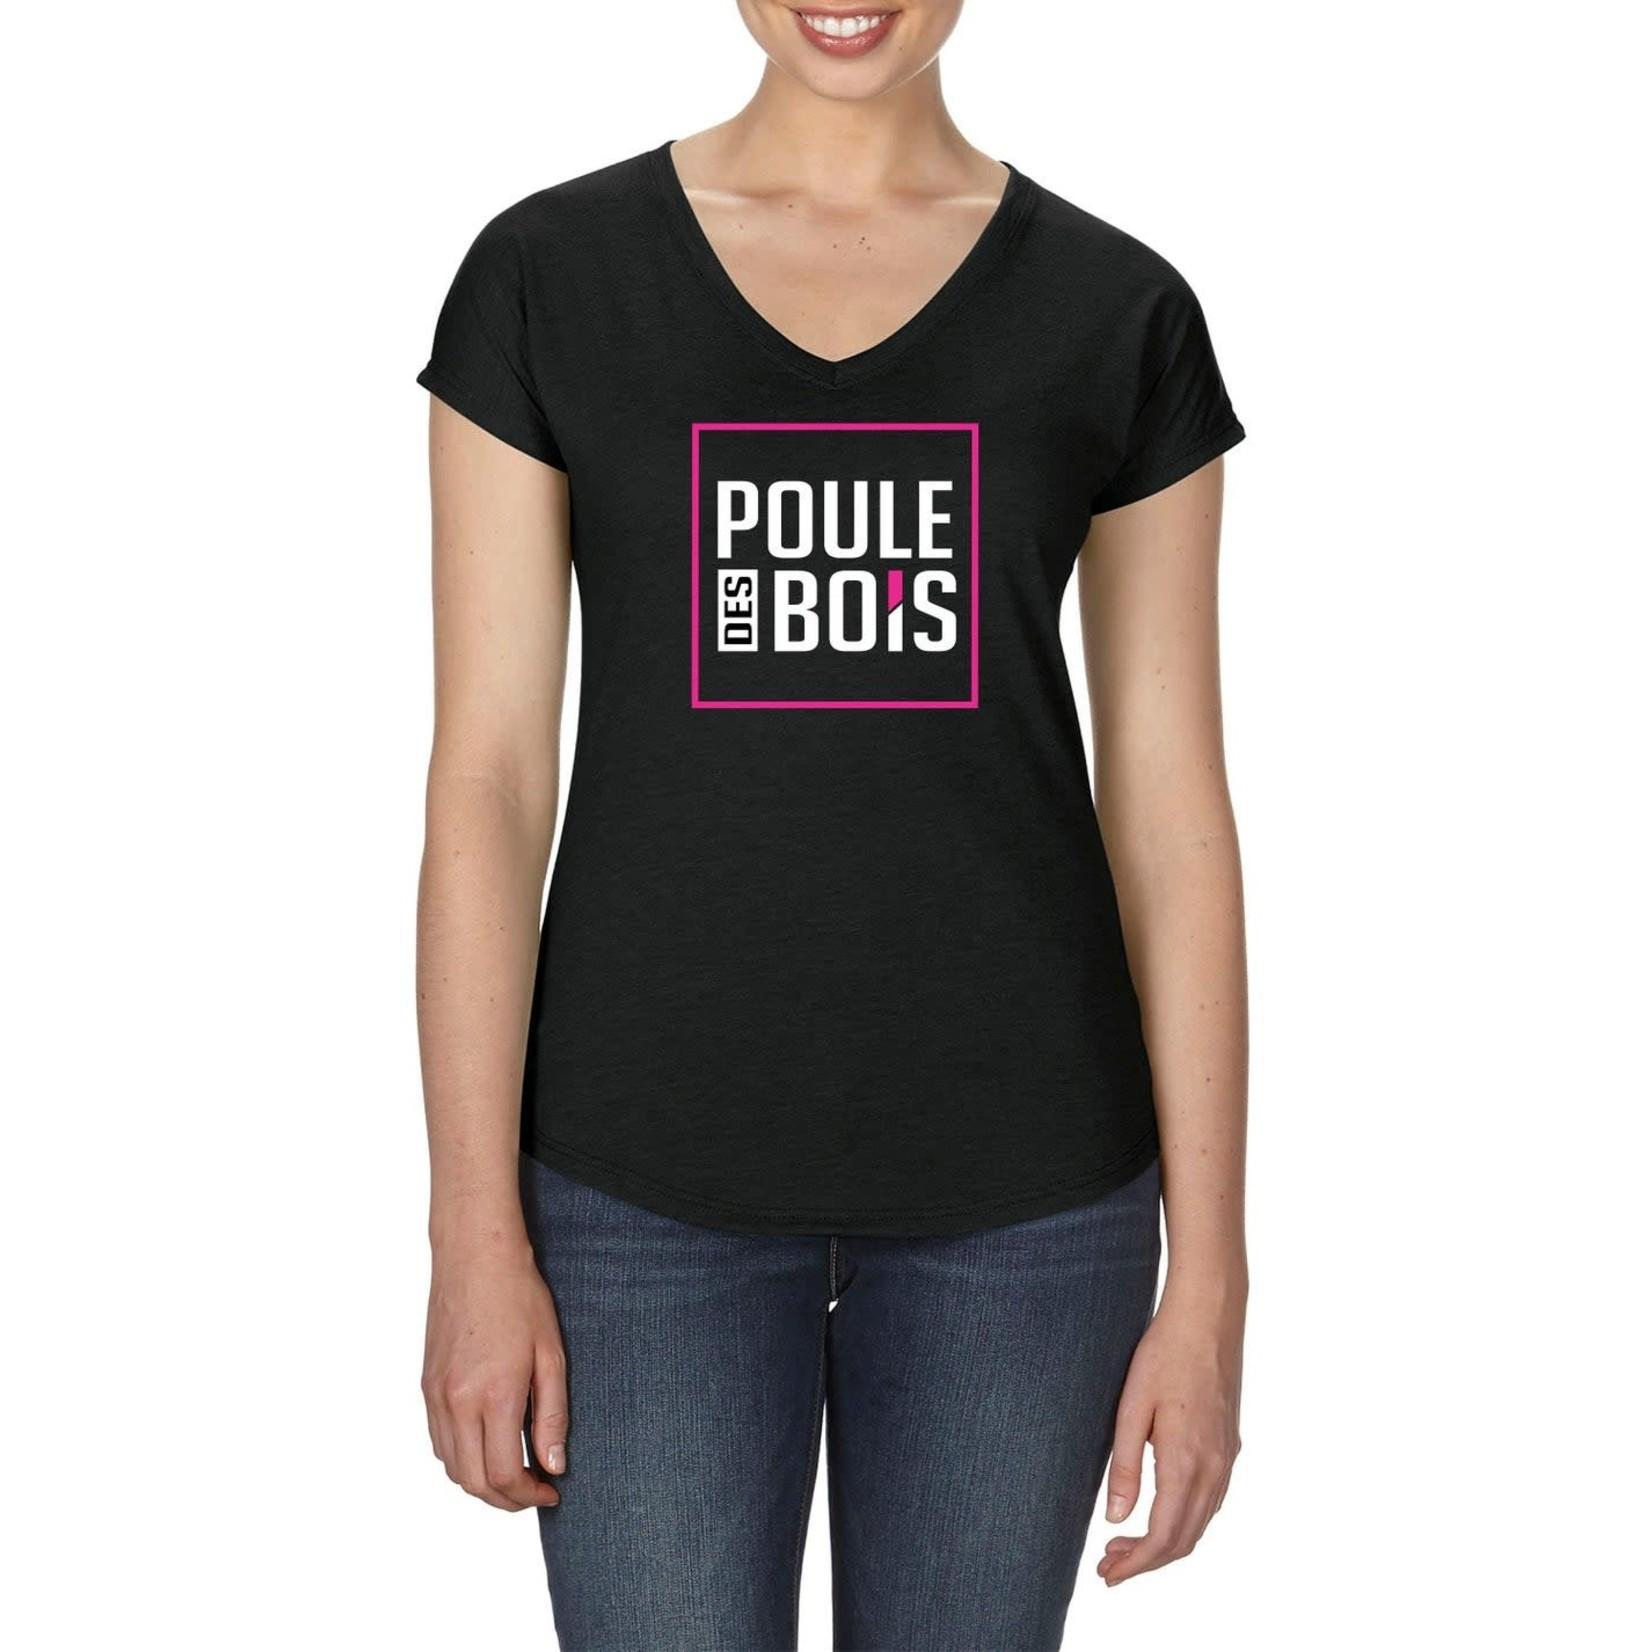 Poules des Bois V-neck T-Shirt polyester-coton Black LOGO Poule Des Bois size Large